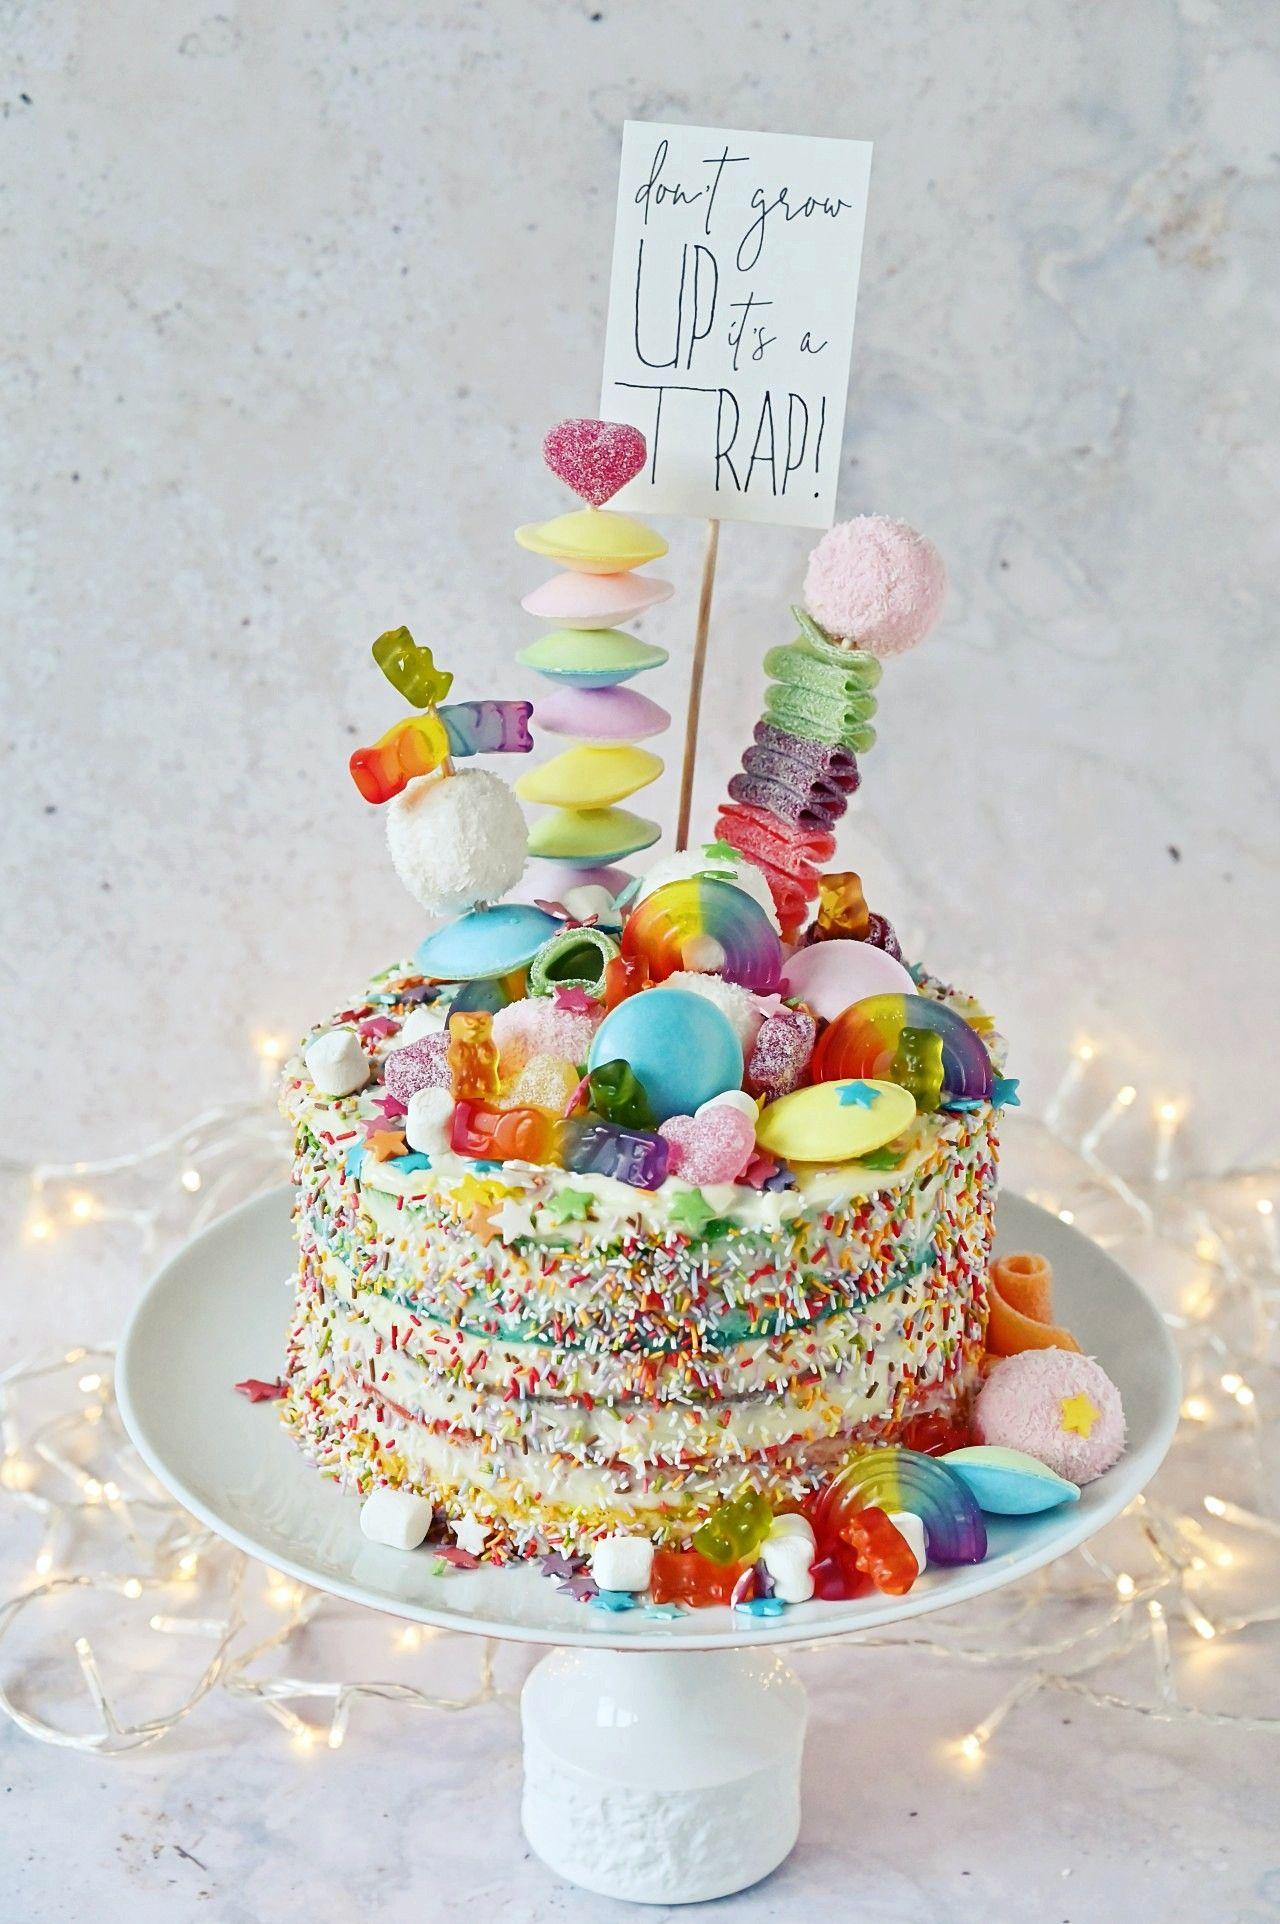 Regenbogen Torte Backen Rezept Fur Rainbow Candy Cake In 2020 Regenbogentorte Torte Ohne Backen Backen Kindergeburtstag